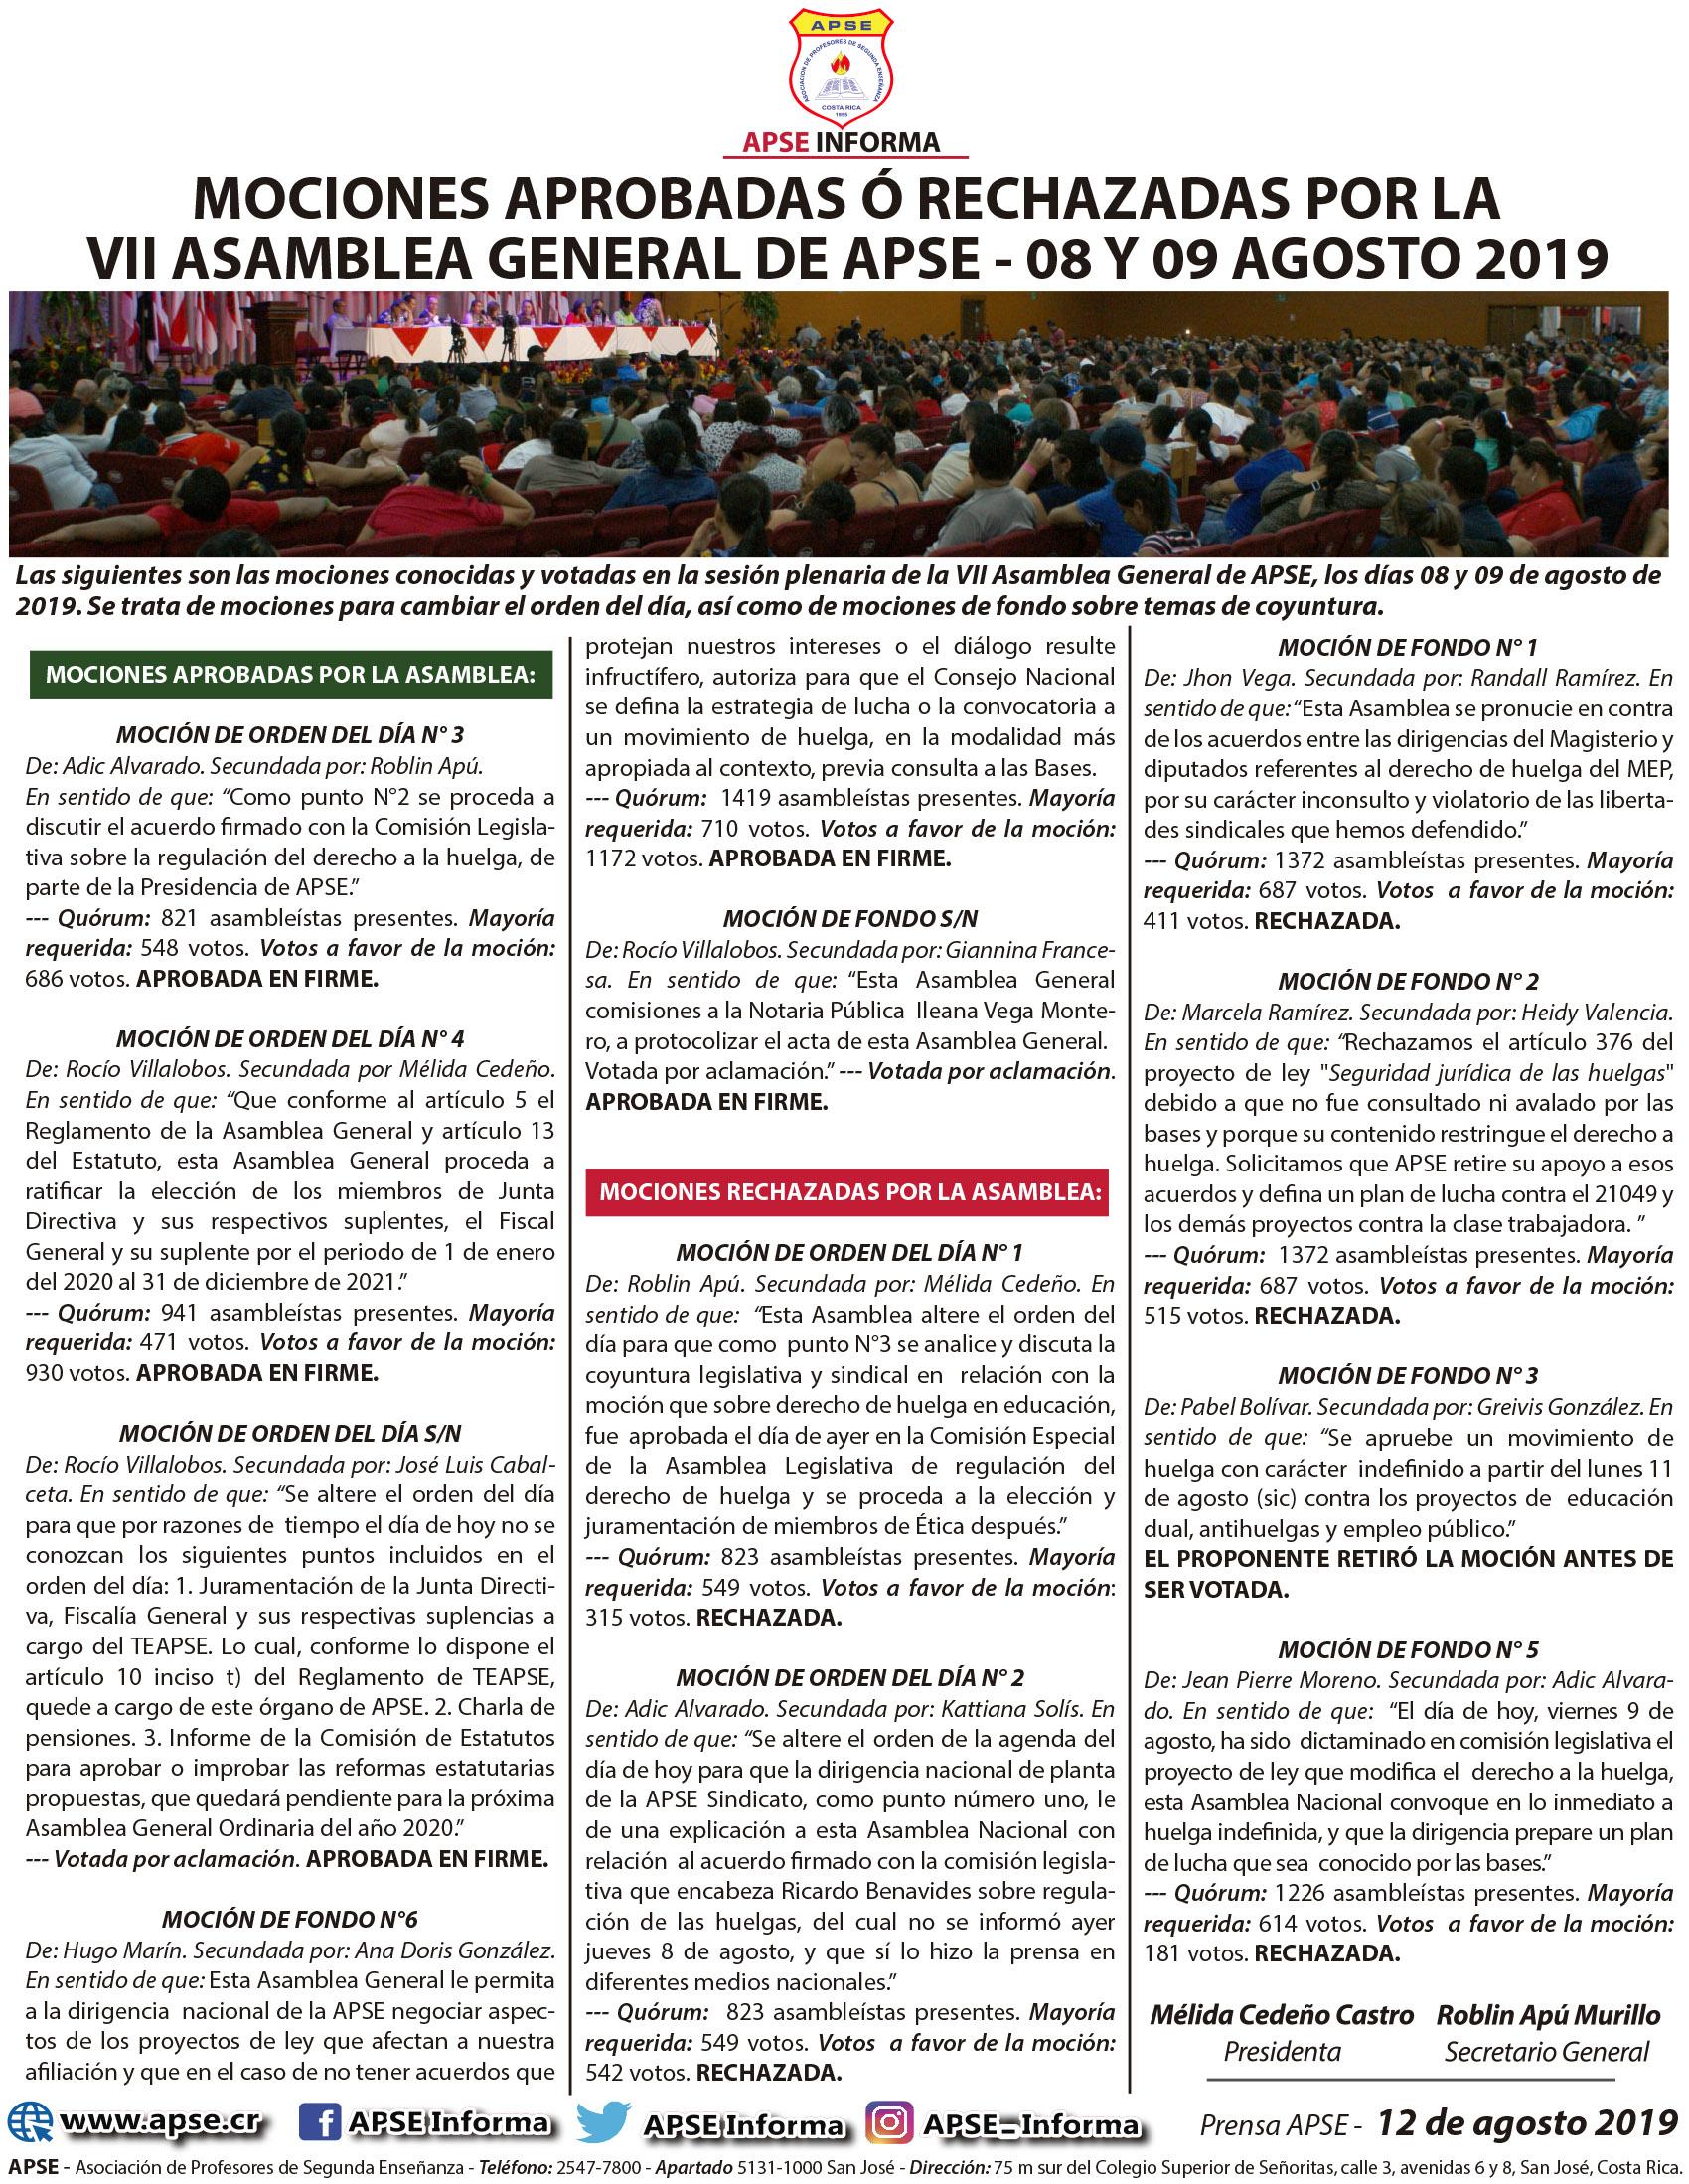 MOCIONES APROBADAS Ó RECHAZADAS POR LAVII ASAMBLEA GENERAL DE APSE – 08 Y 09 AGOSTO 2019